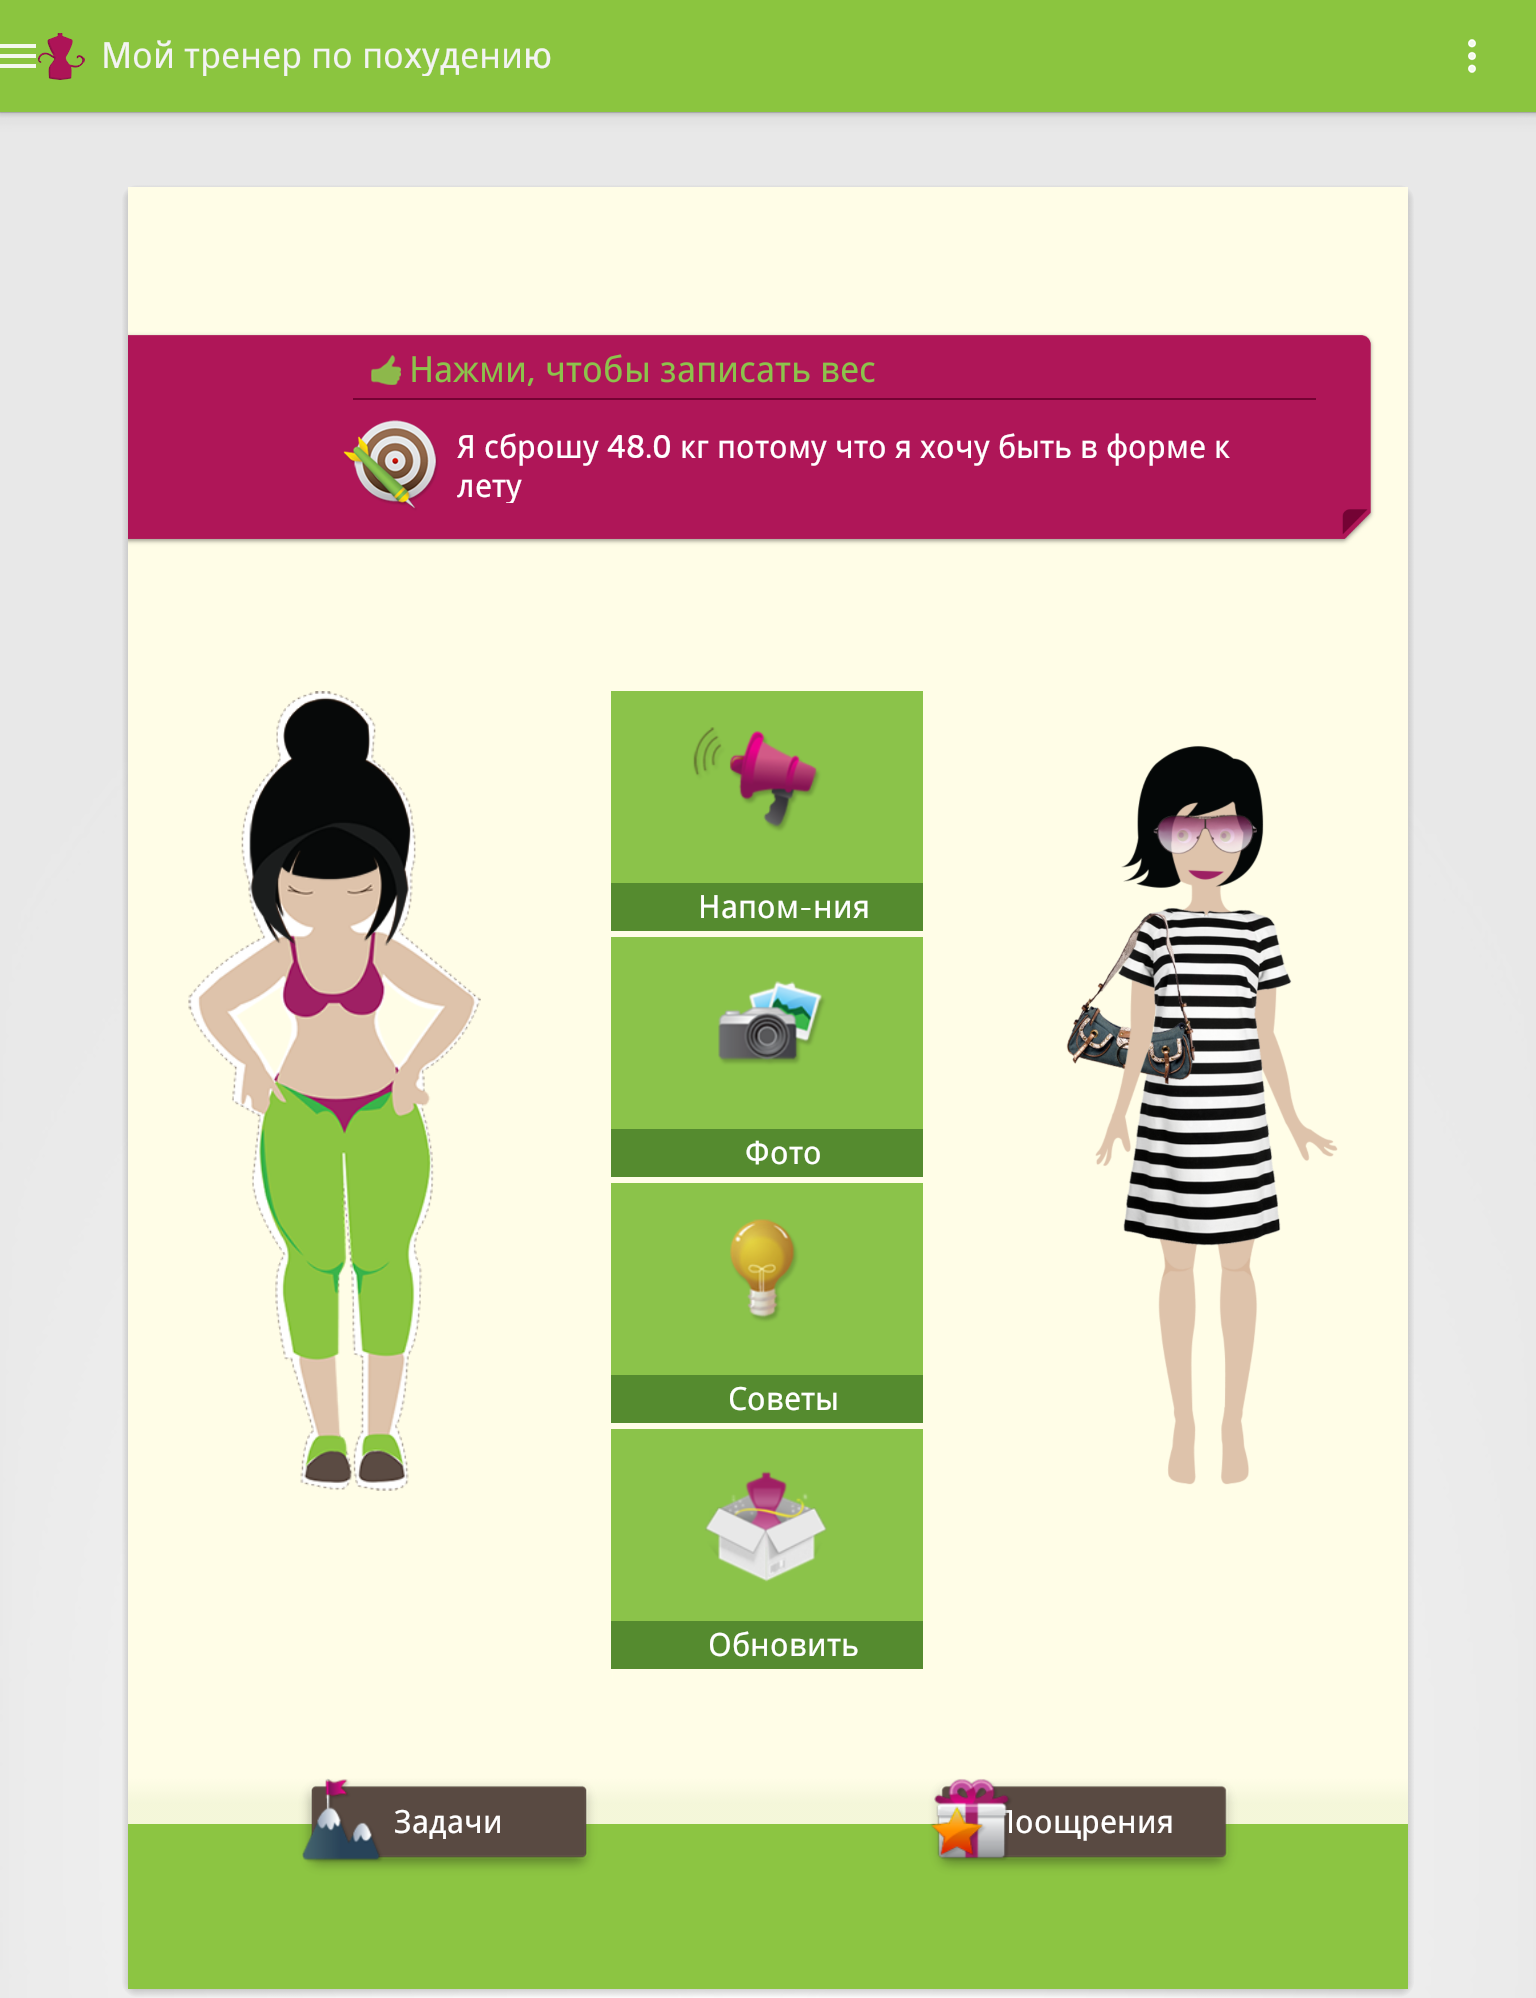 Программа Похудения В Гугле. Худеем — цель!